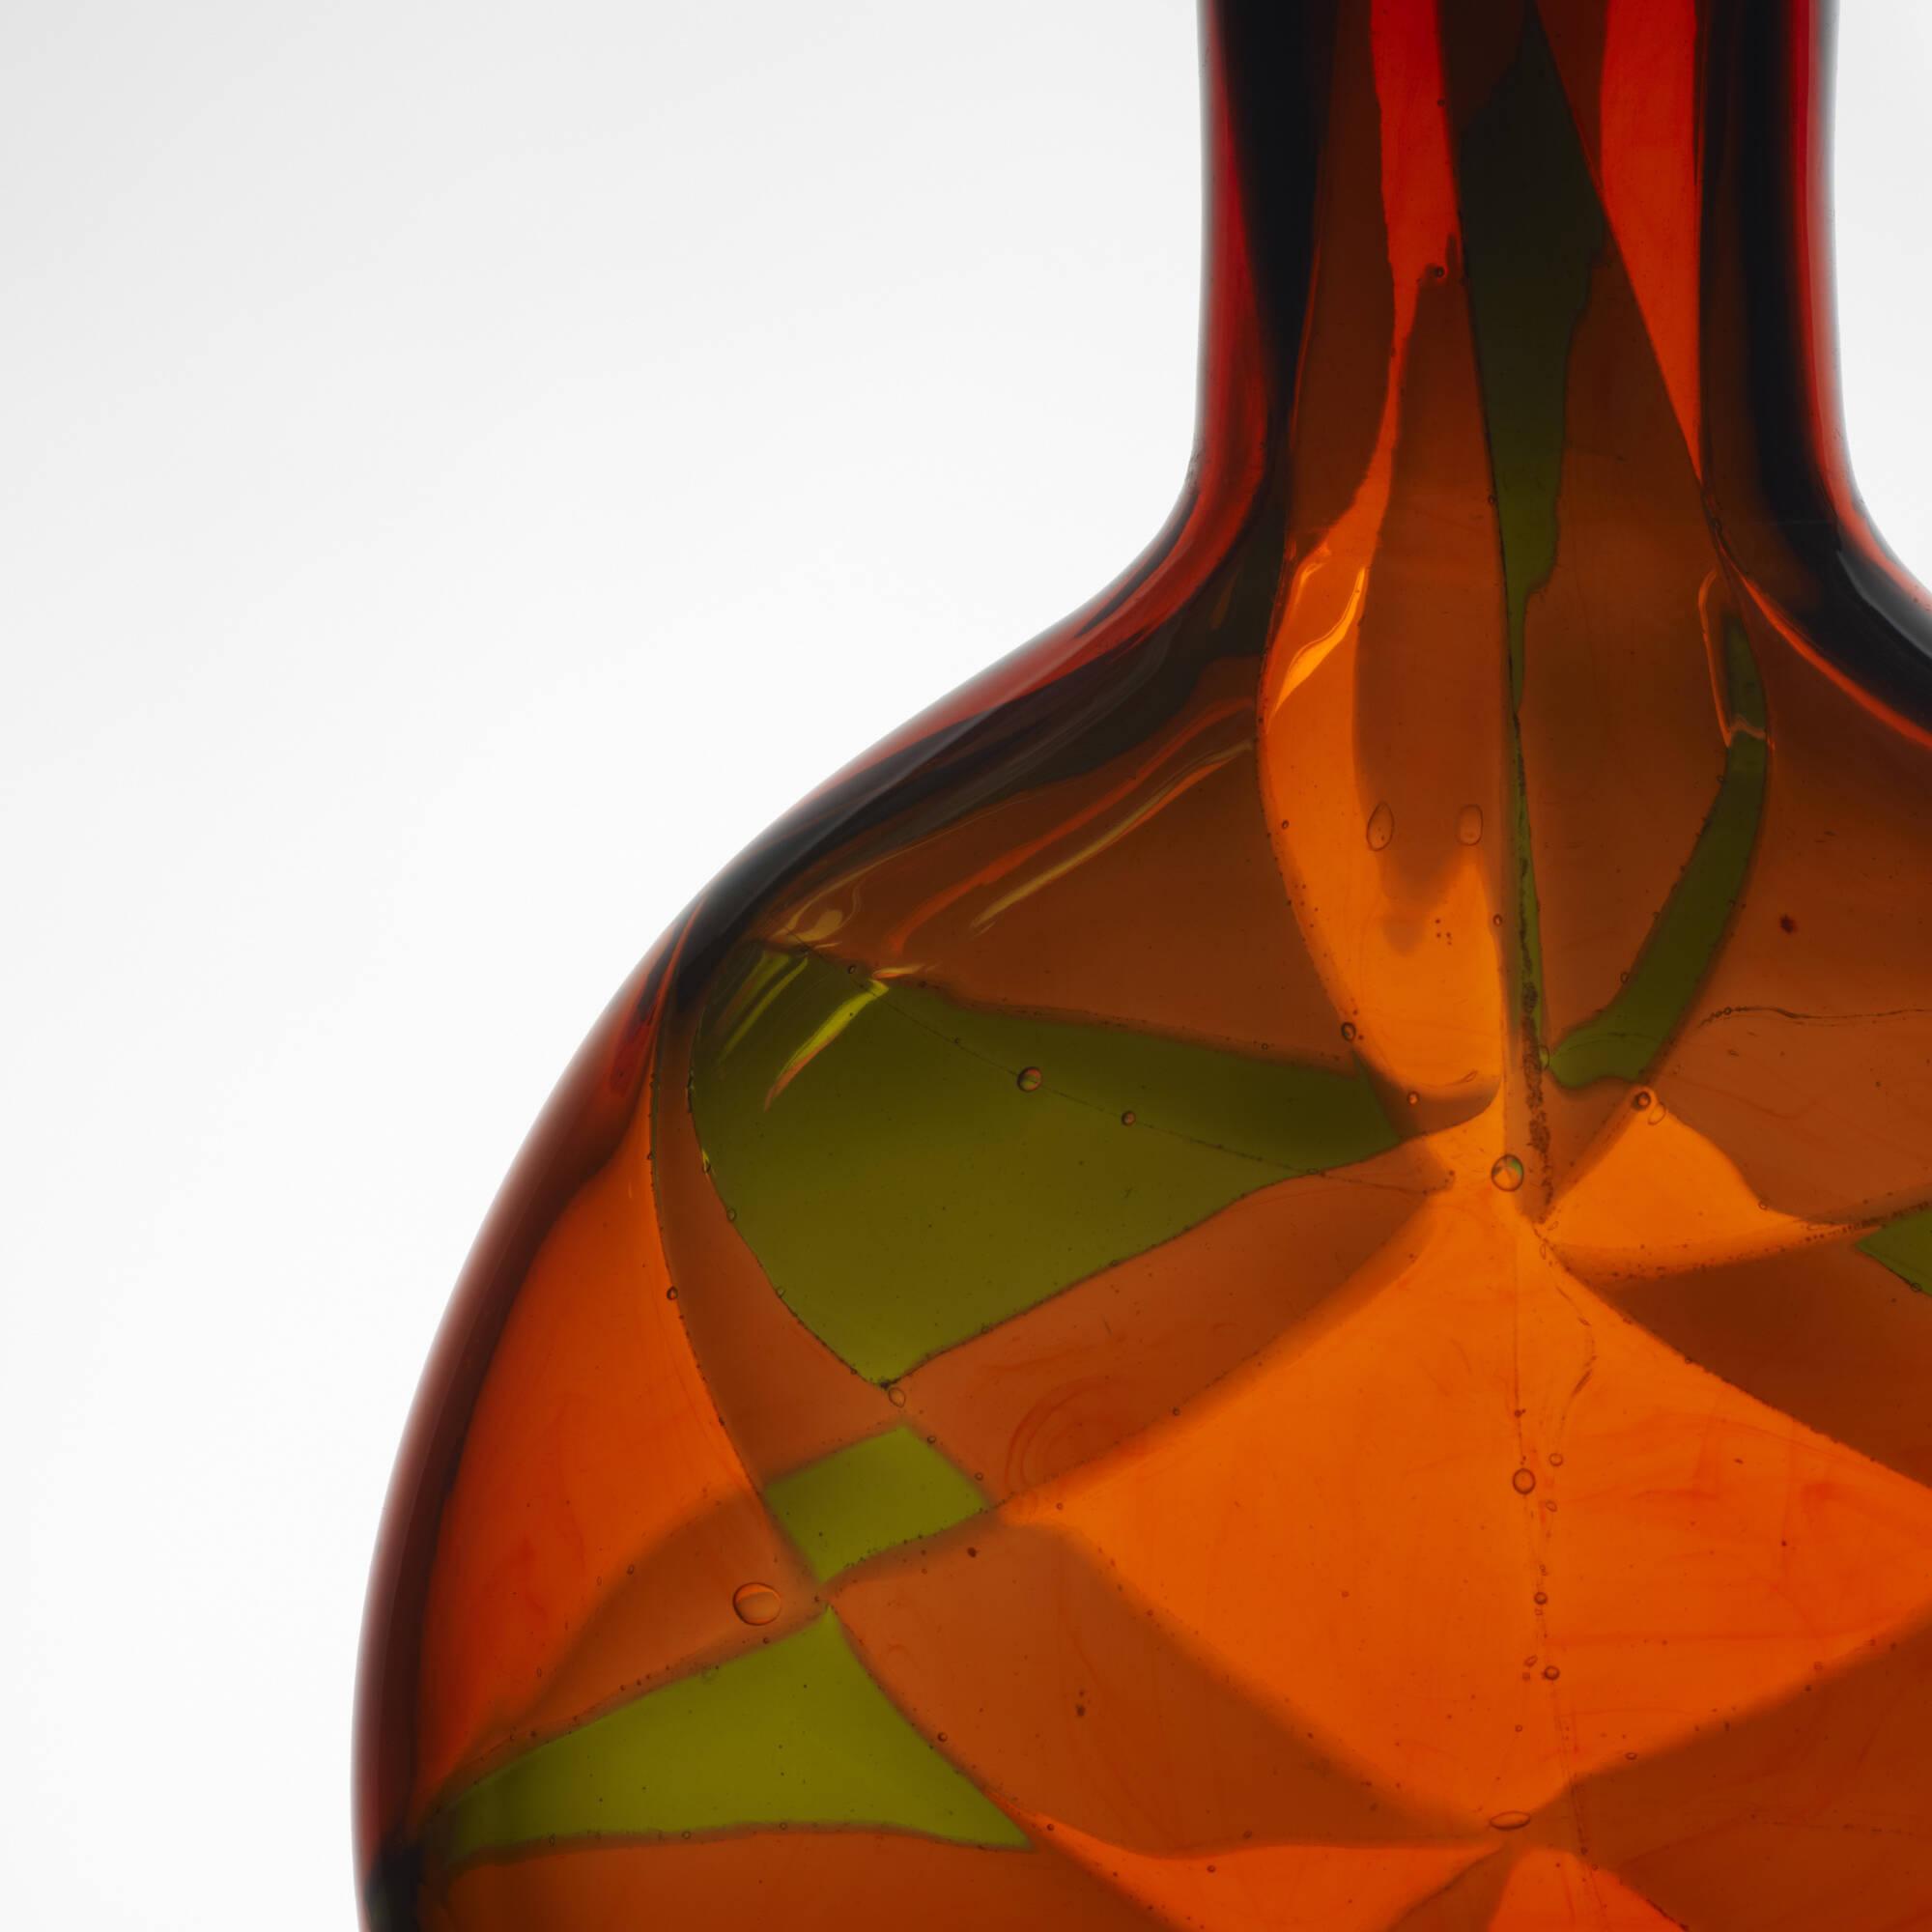 39: Ercole Barovier / Rare Intarsio vase (4 of 4)